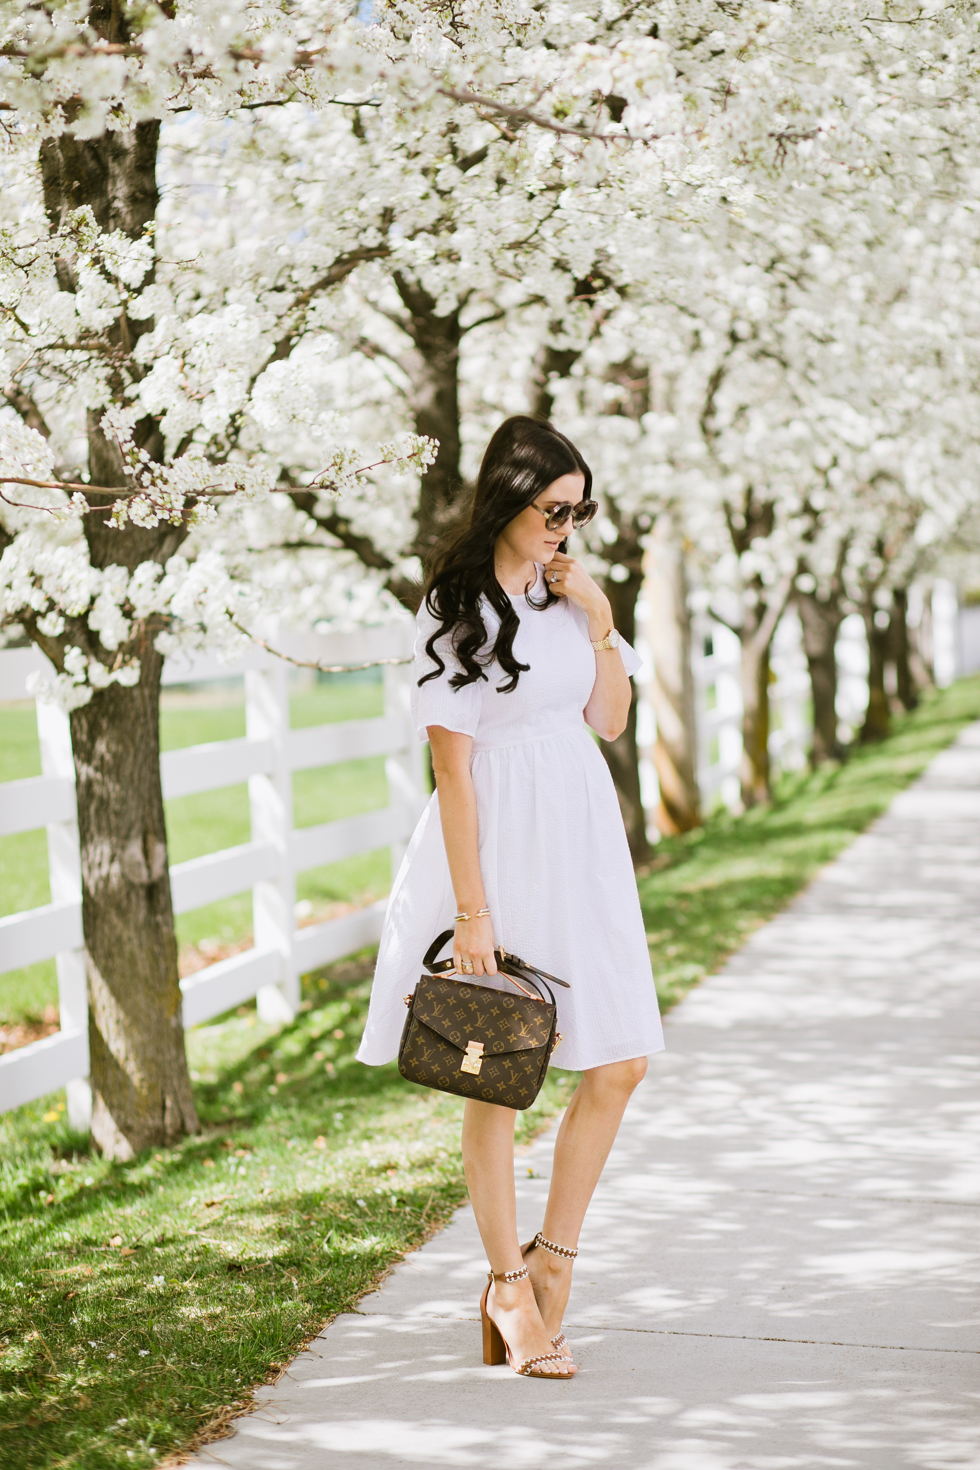 white-seer-sucker-dress-rachel-parcell - 3